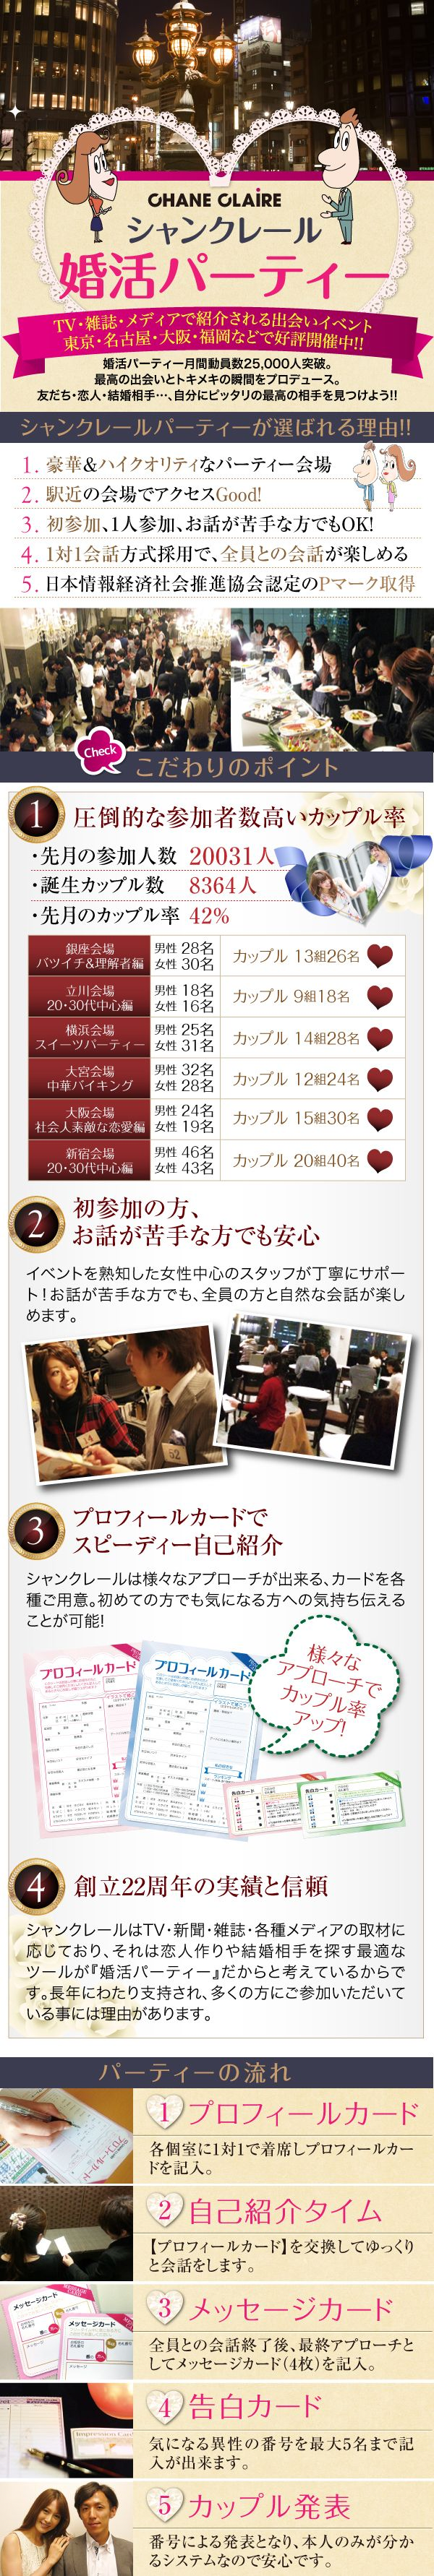 2016婚活ベース_東京個室